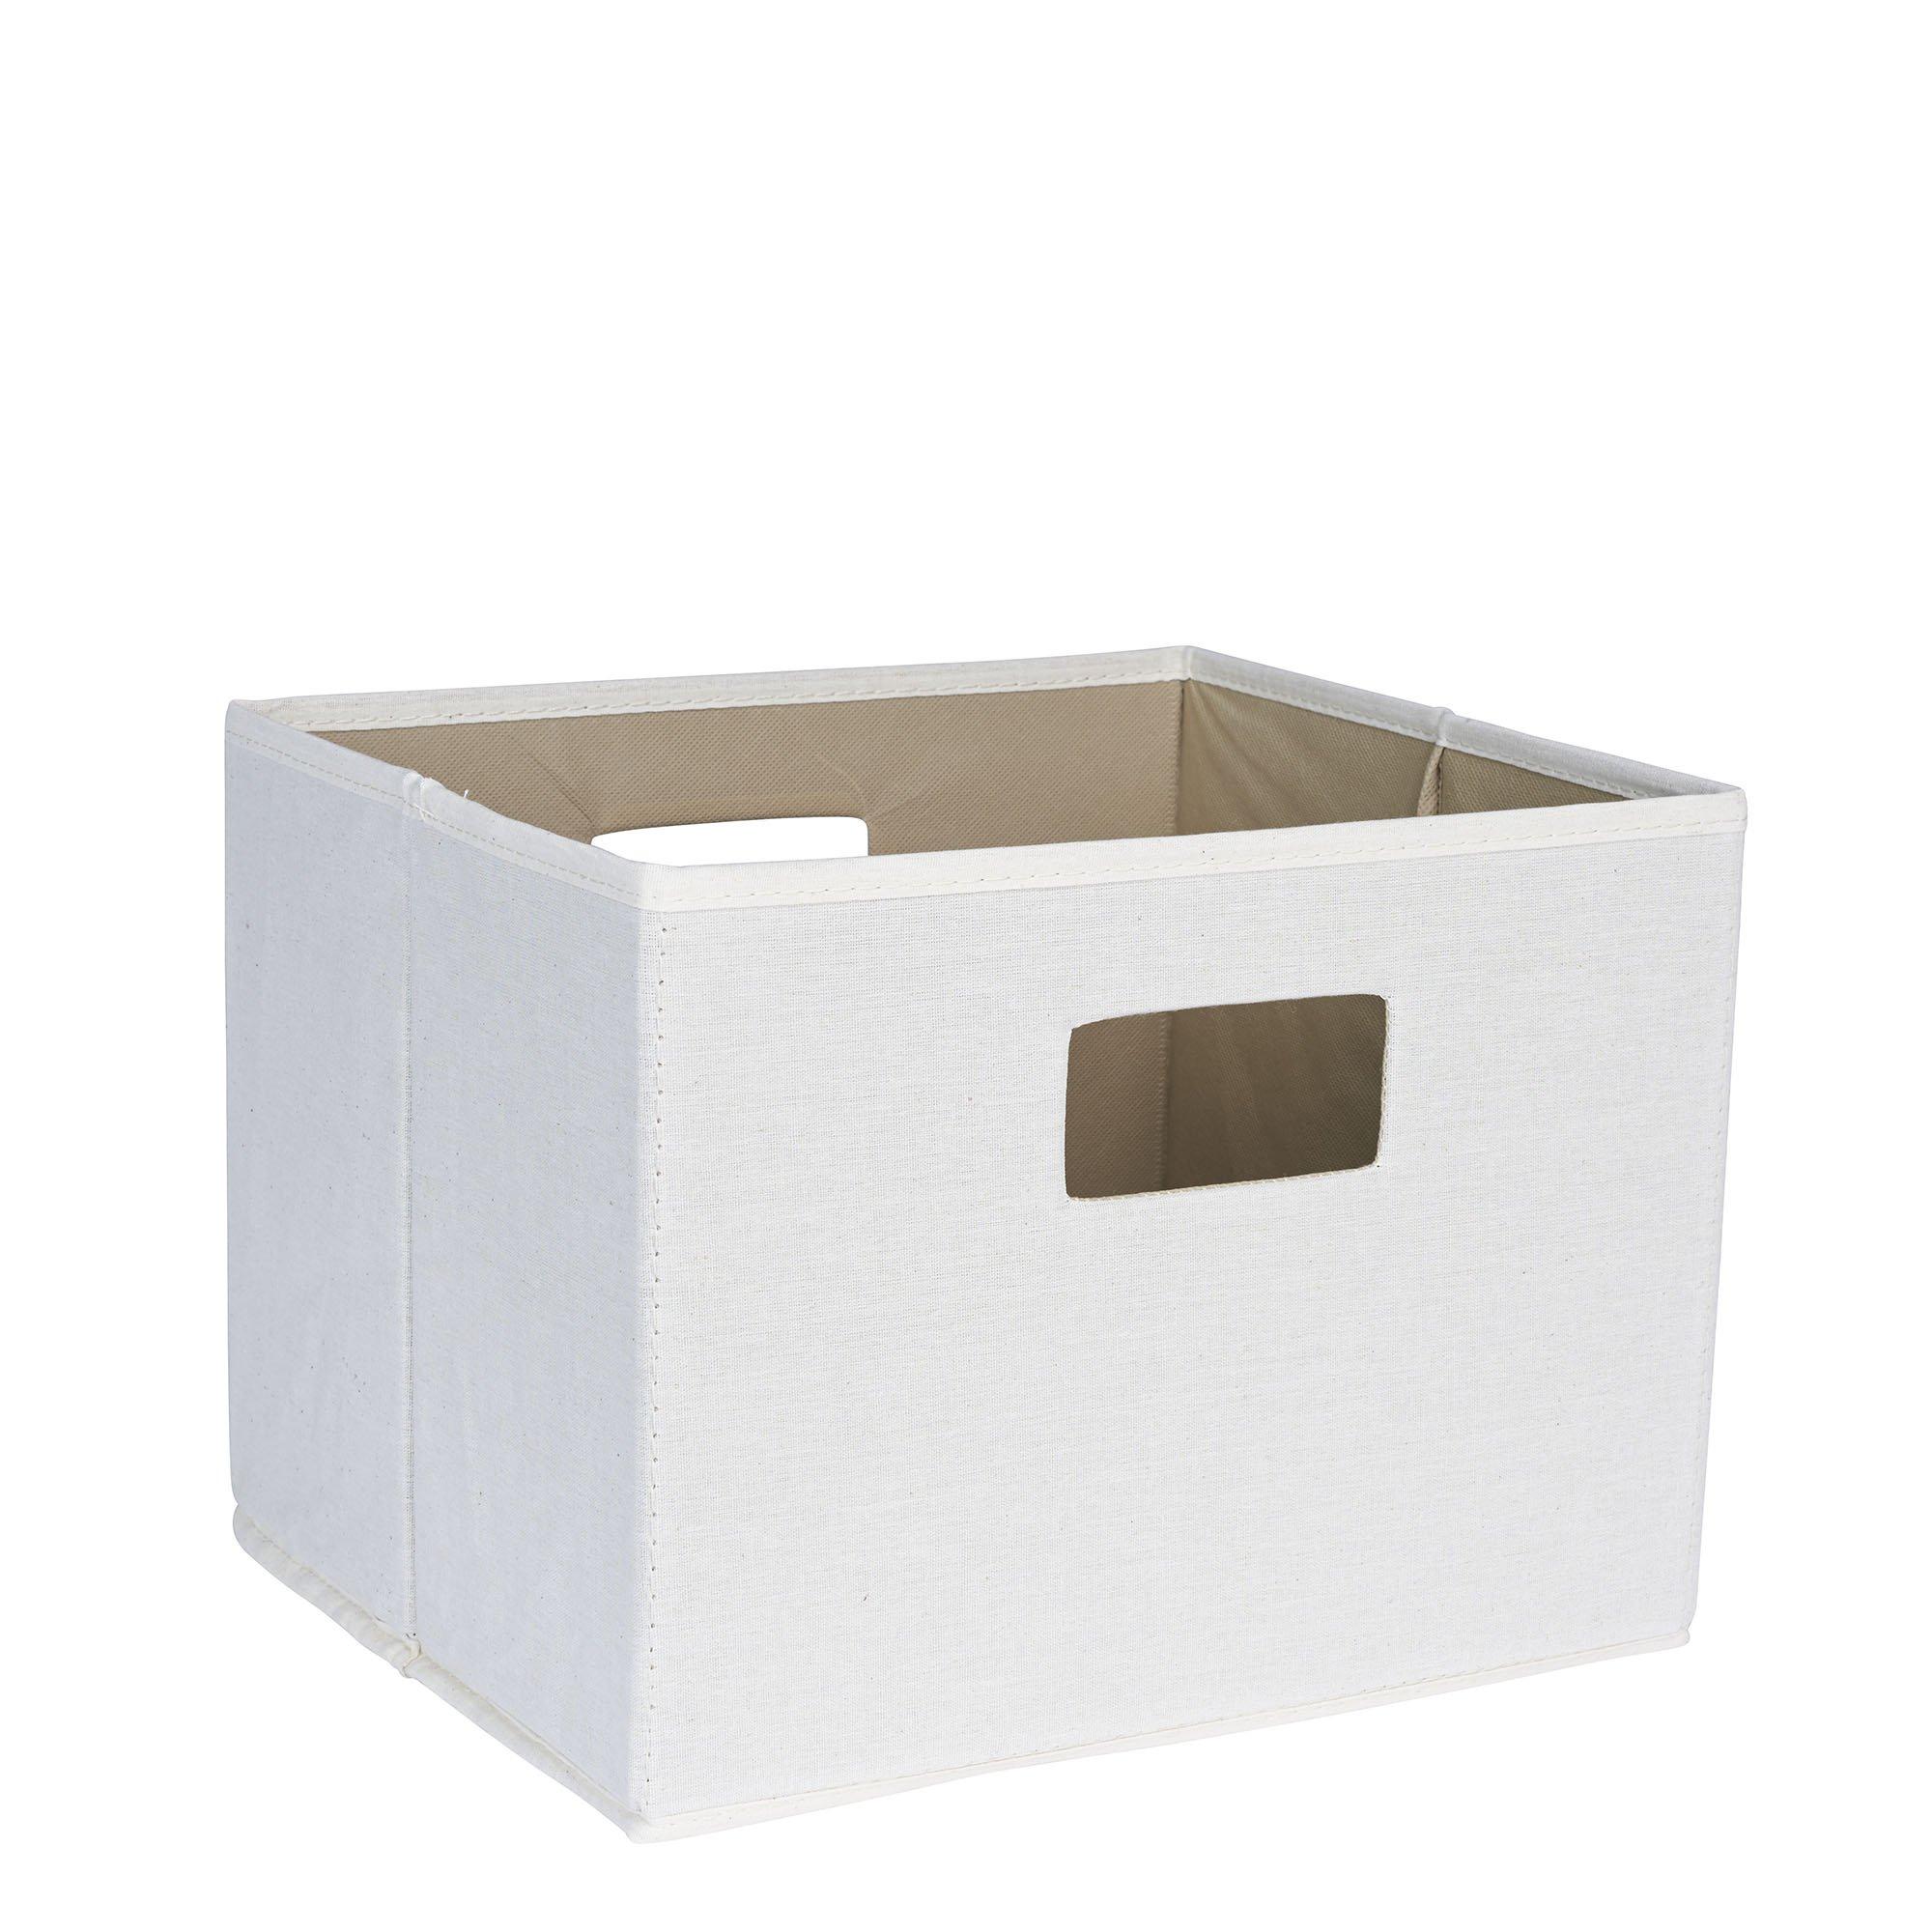 Household Essentials 119 Open Storage Bin with Handles - Beige Canvas,Natural White